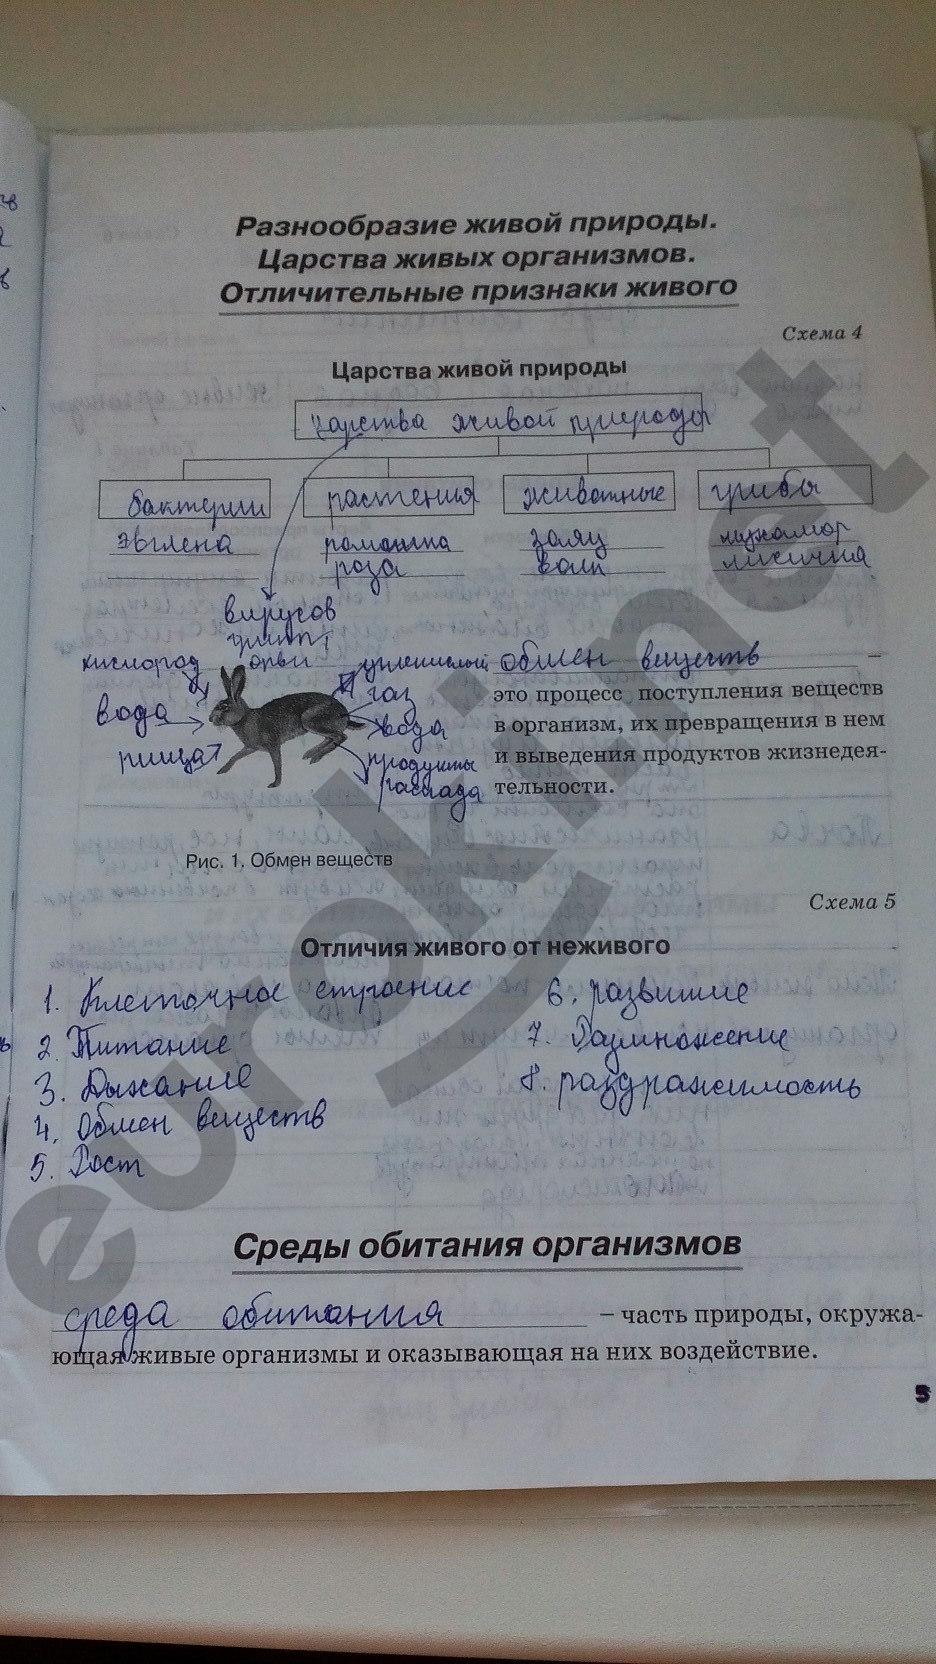 ГДЗ по биологии 5 класс рабочая тетрадь Бодрова. Задание: стр. 5